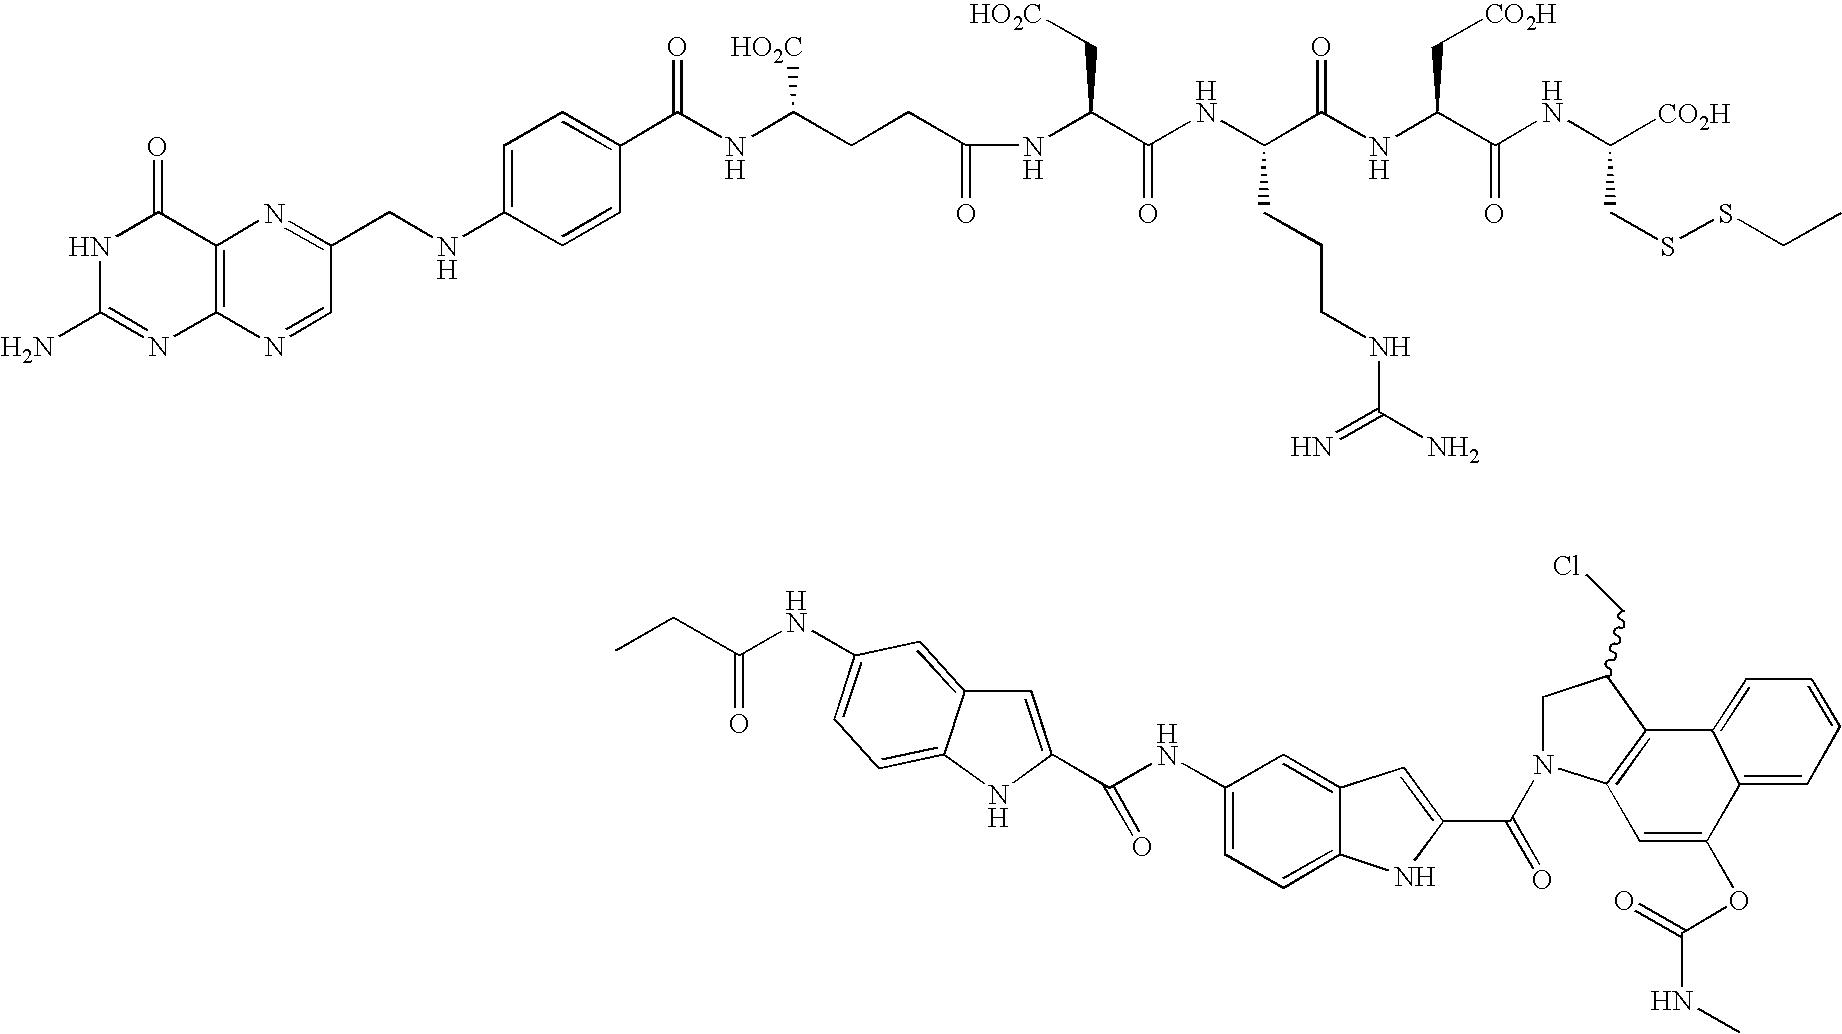 Figure US20100004276A1-20100107-C00172